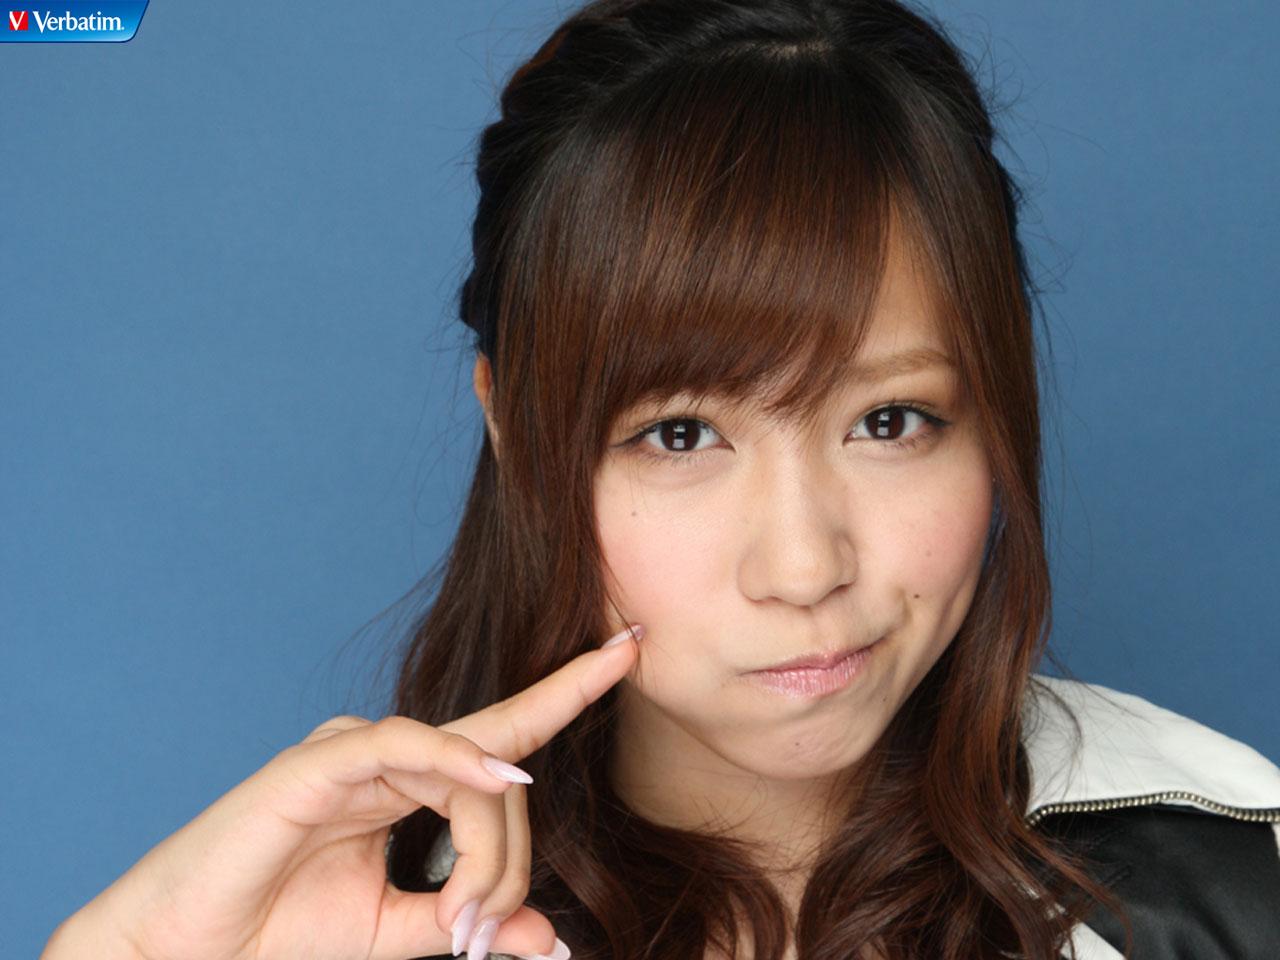 AKB48 河西智美 セクシー ほっぺた 顔アップ 笑顔 ぶっかけ用 エロかわいい画像10